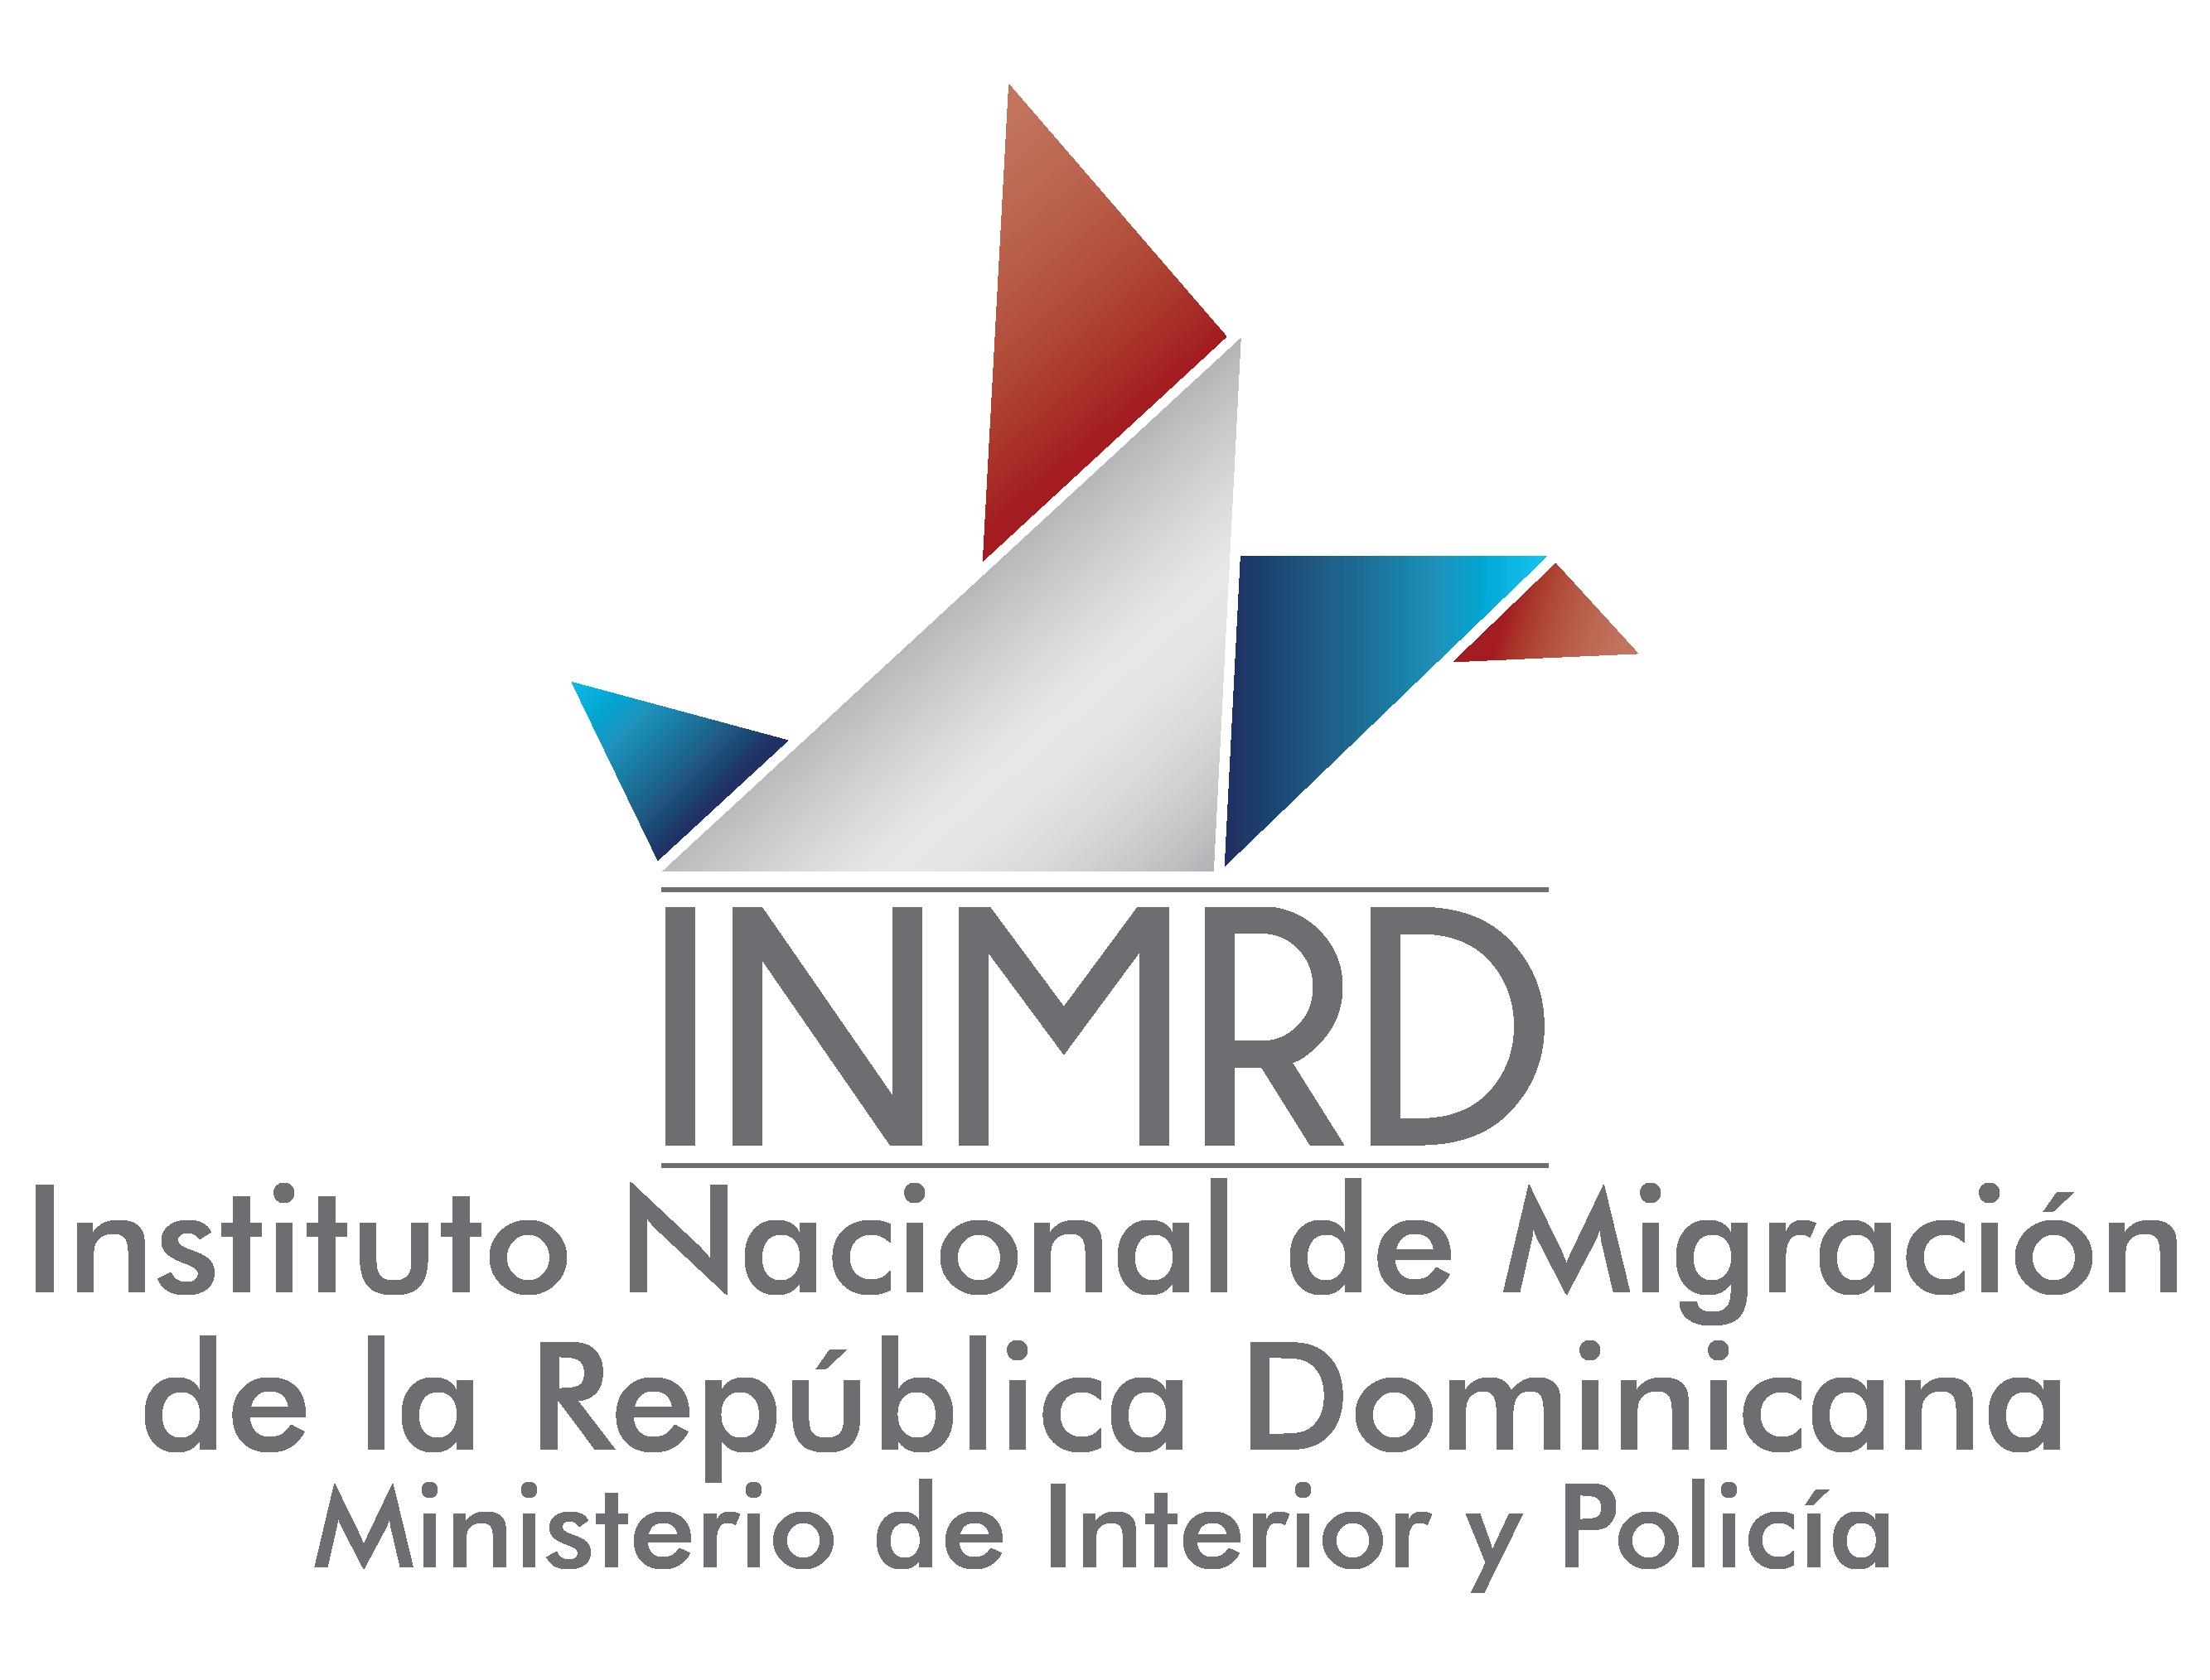 instituto-nacional-de-migracion-inmrd